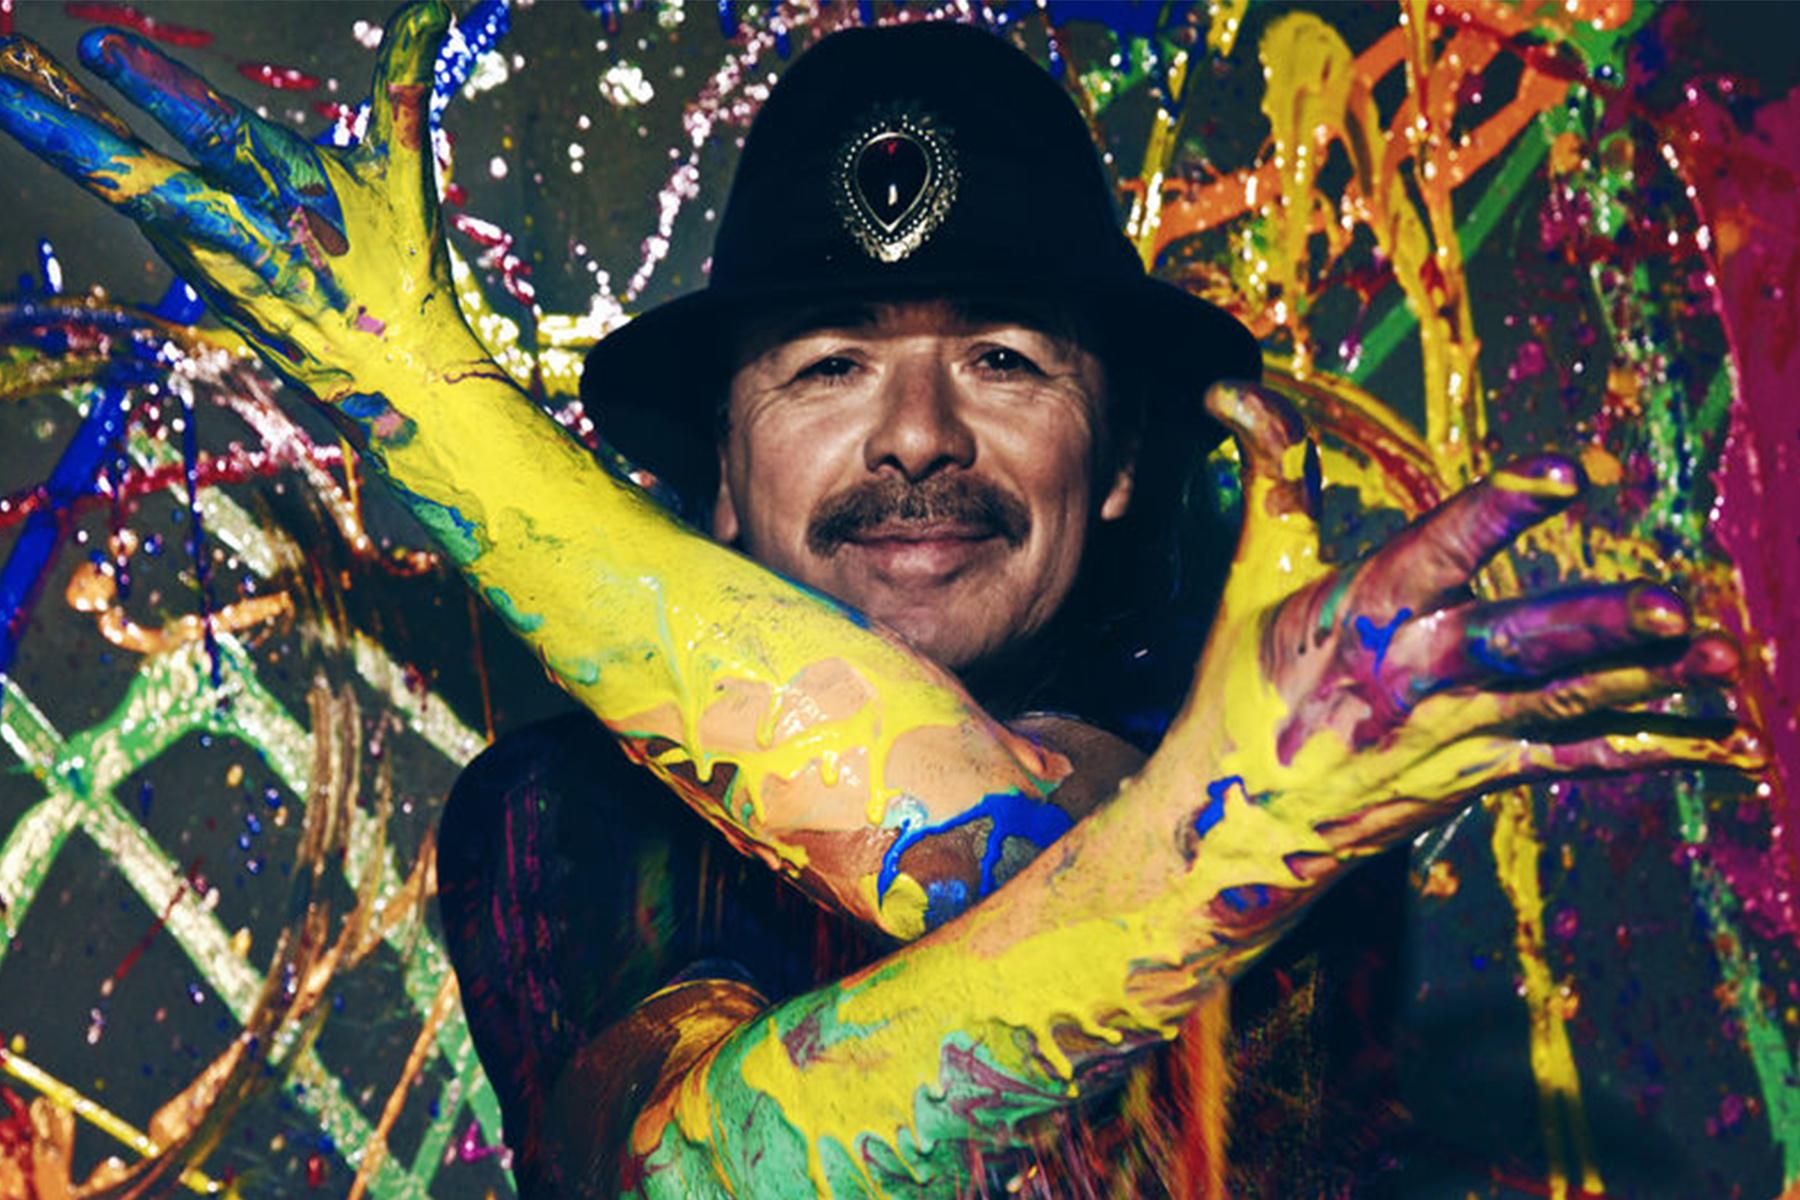 Hire Carlos Santana